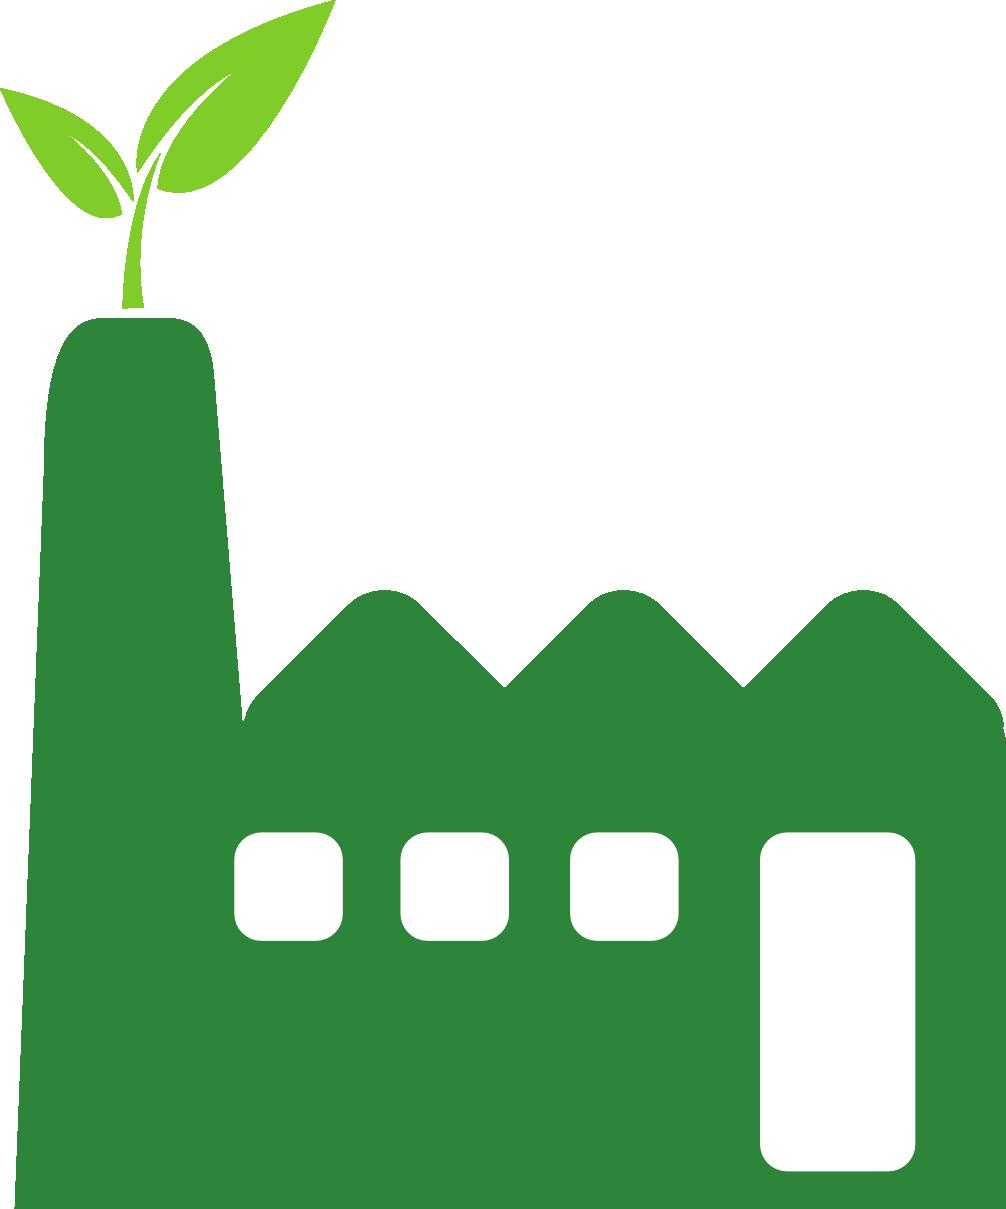 Abwärmenutzungskonzepte für die Zementindustrie